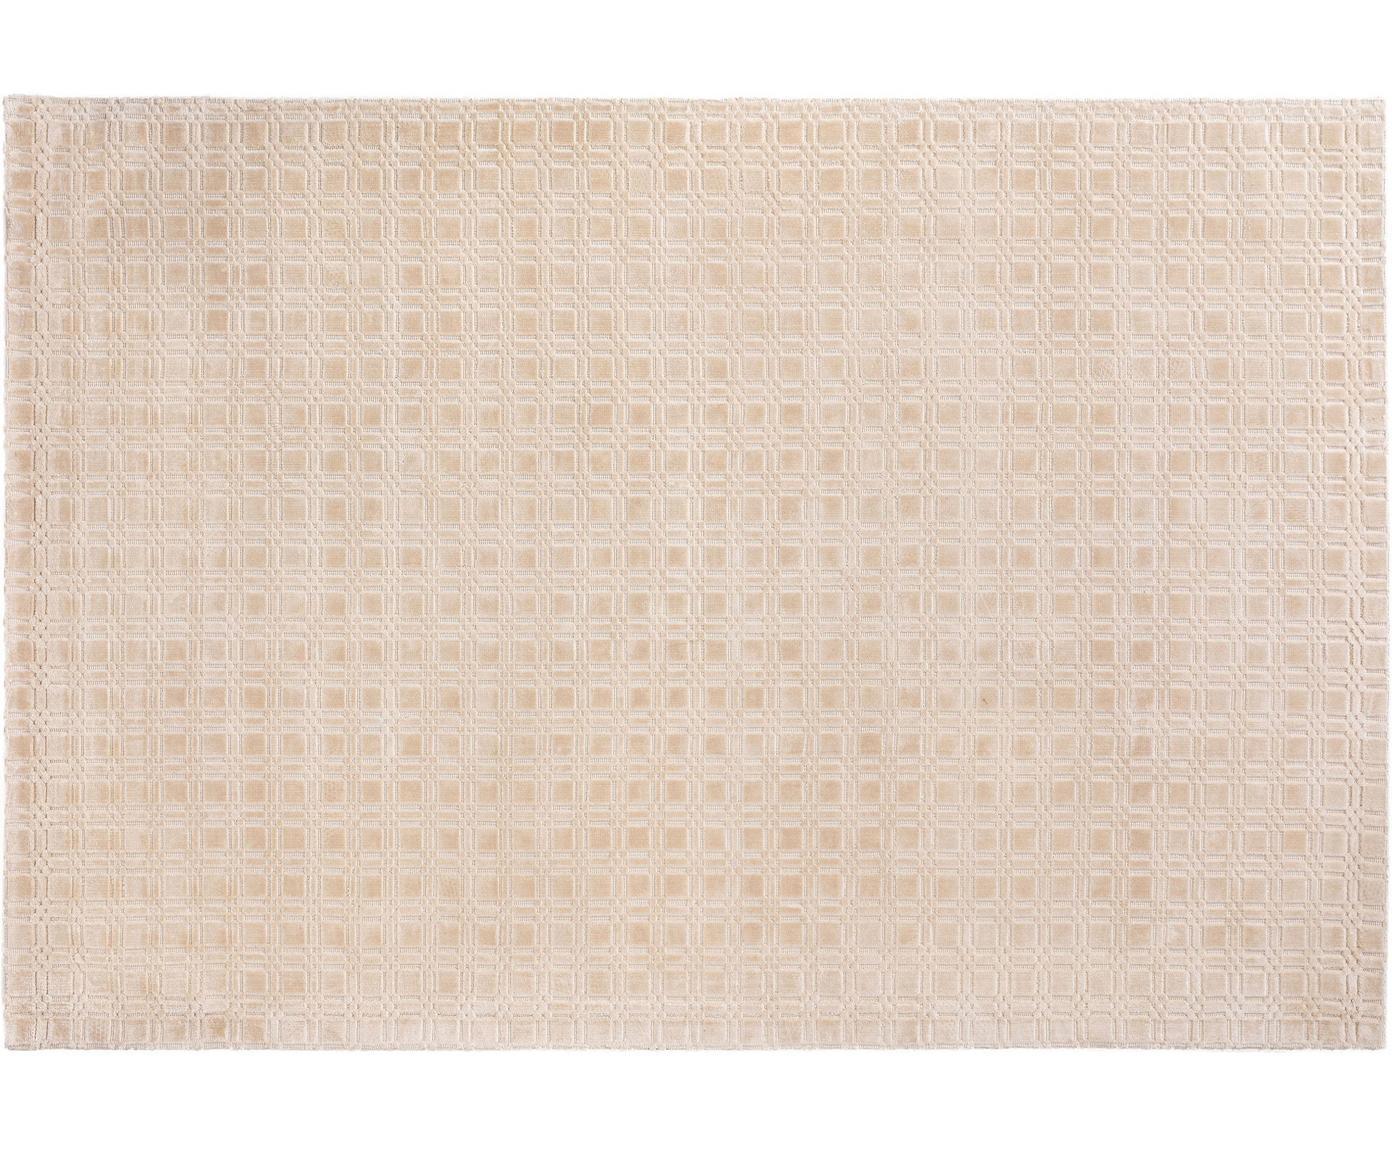 Tappeto in viscosa tessuto a mano Nelson, Viscosa, Crema, Larg. 140 x Lung. 200 cm (taglia S)